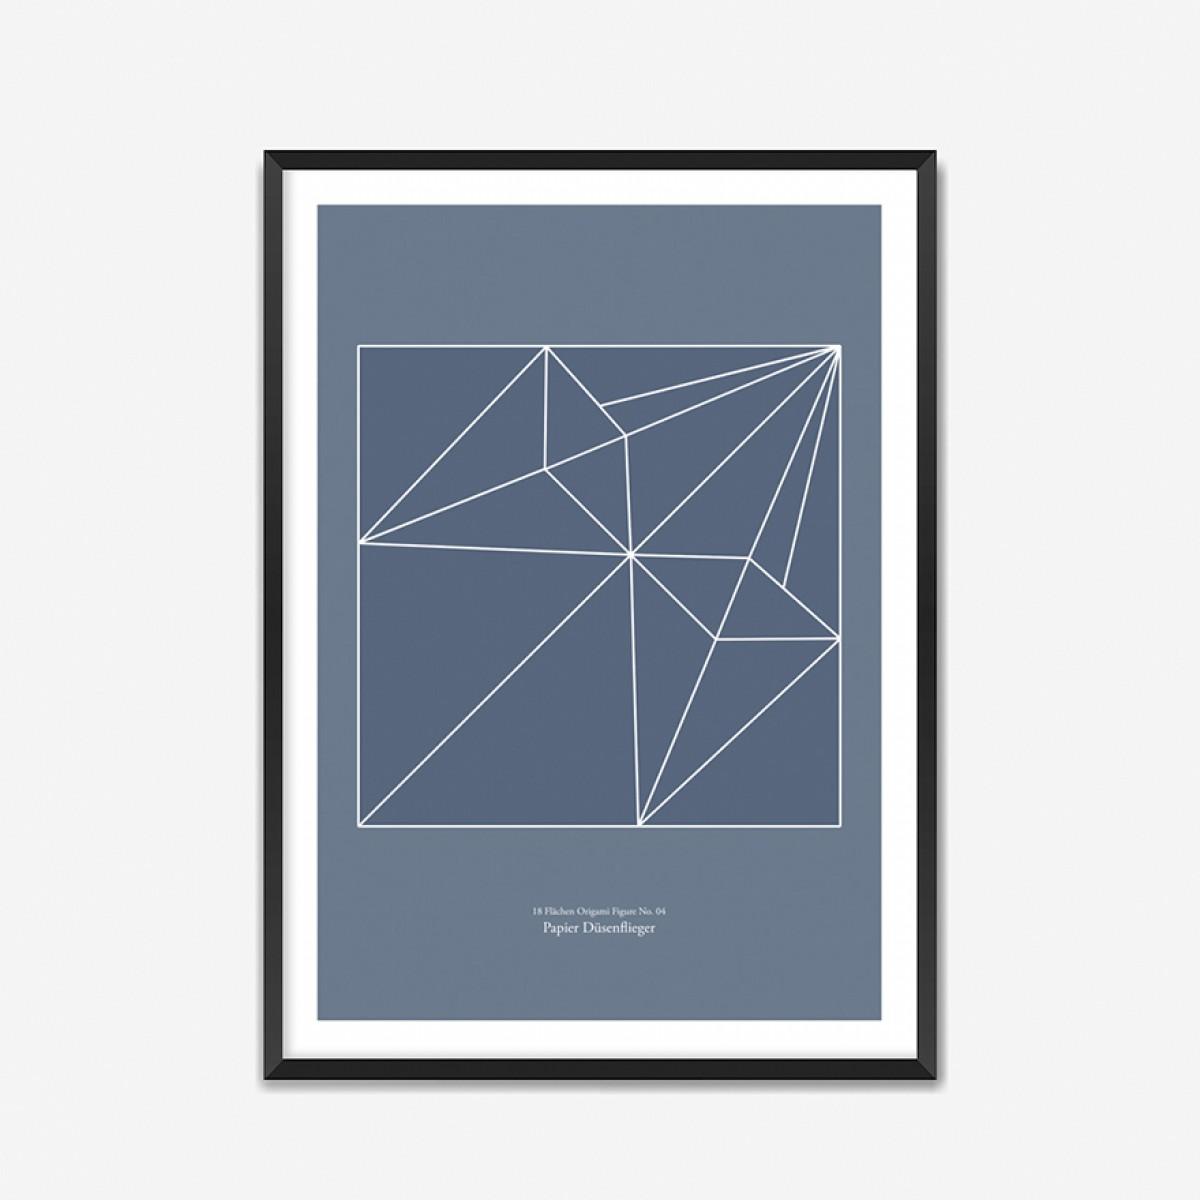 Origami Print Papierdüsenflieger von Christina Pauls